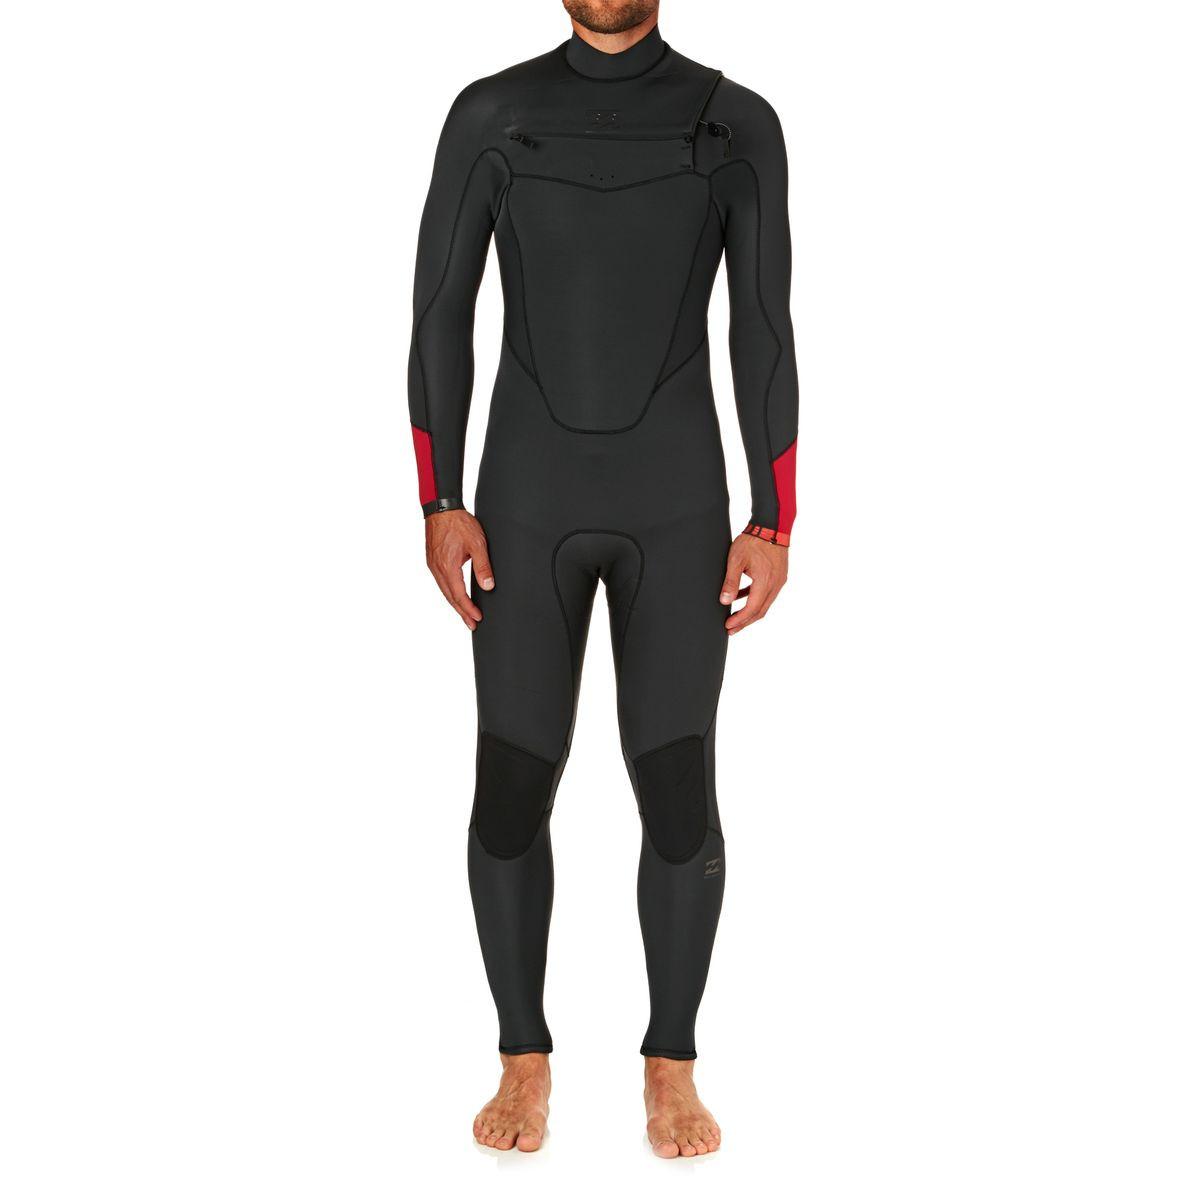 Billabong Absolute Comp 4/3mm 2018 Chest Zip Wetsuit - Asphalt